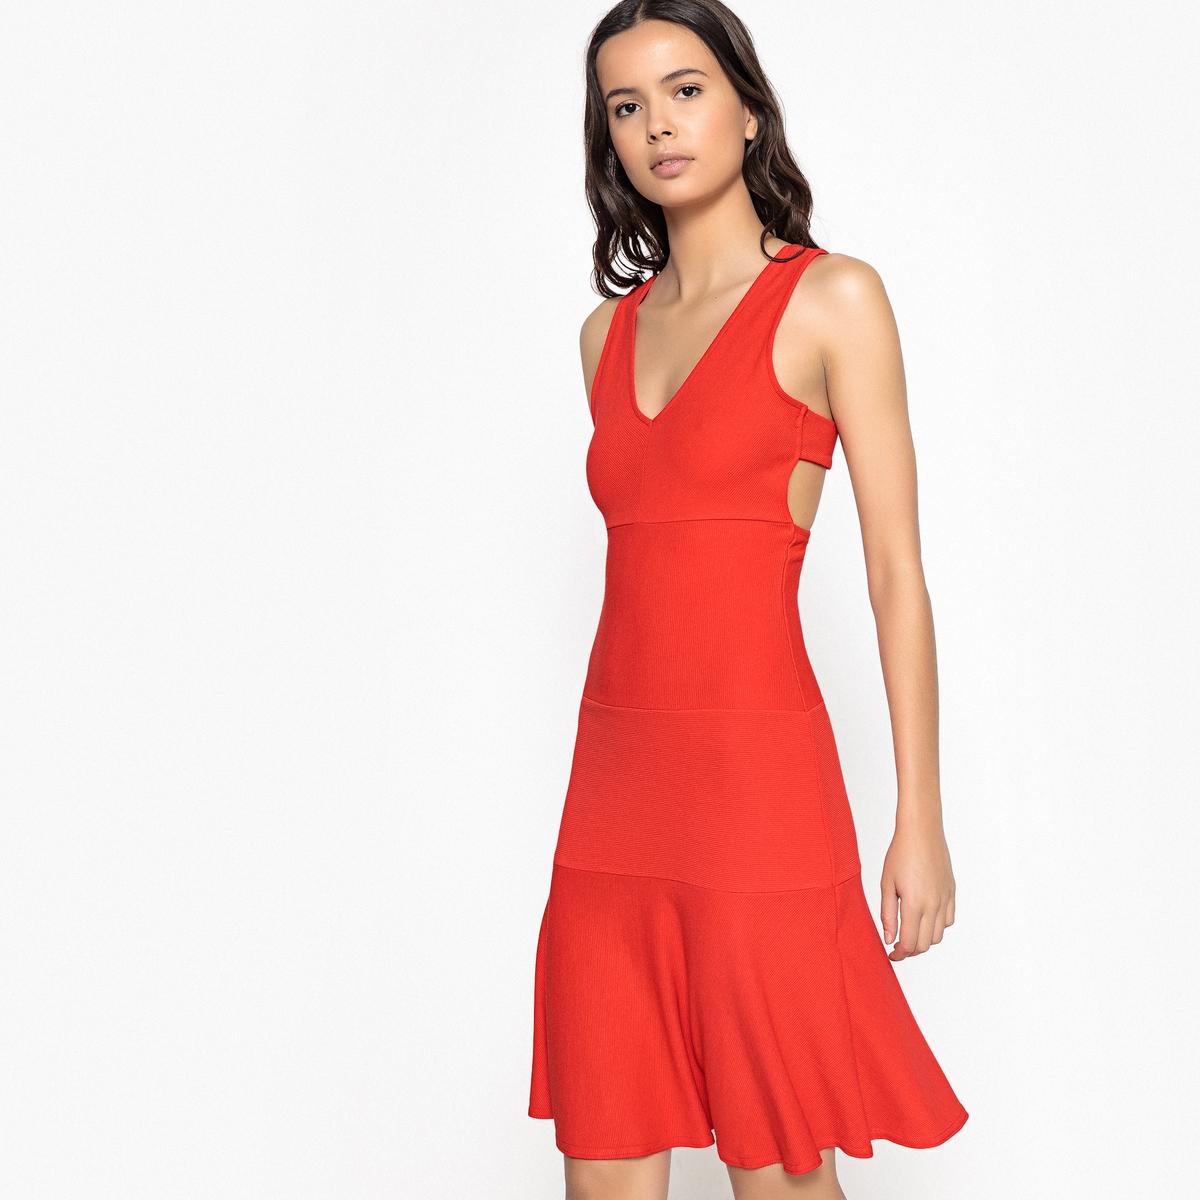 Платье короткое расклешенное однотонное, без рукавов